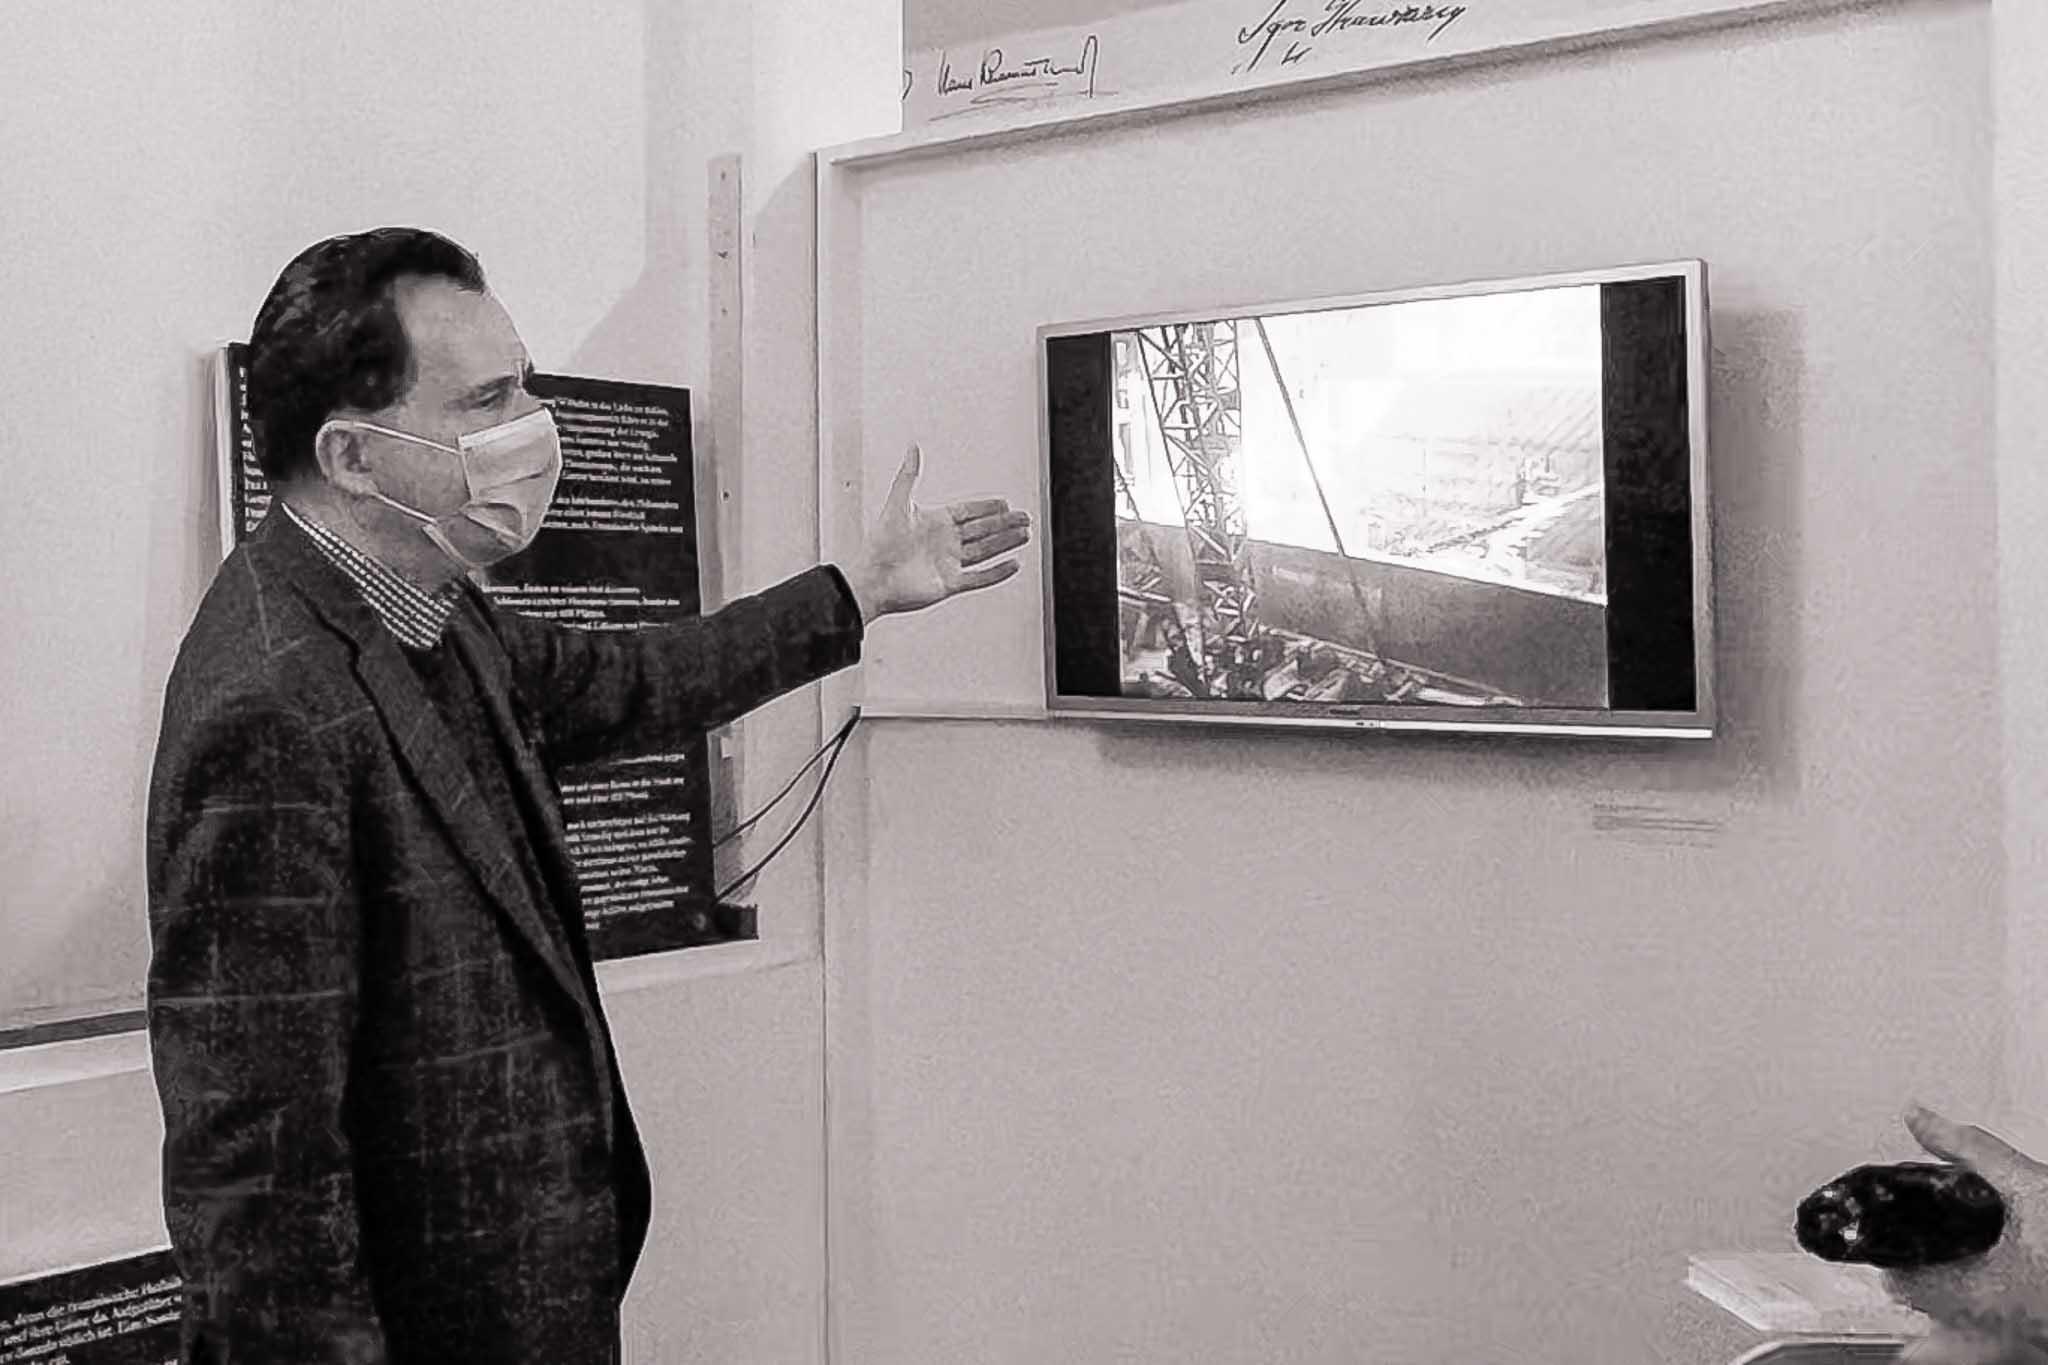 Carsten vor einem Monitor